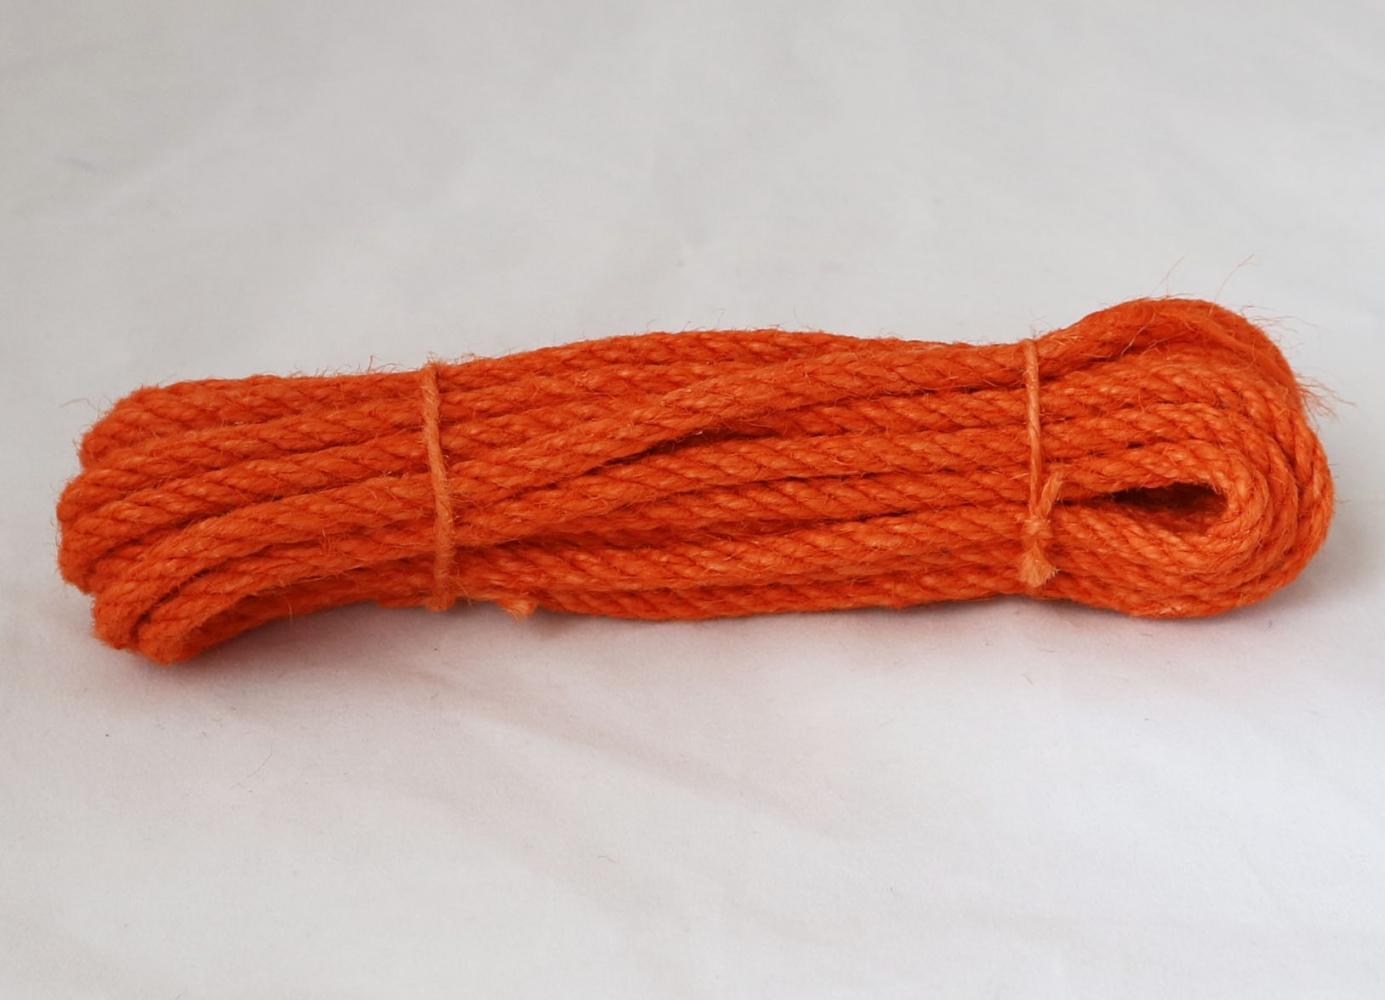 Канат джутовий помаранчевий Радосвіт, діаметр 6мм, моток 5 метрів - 1